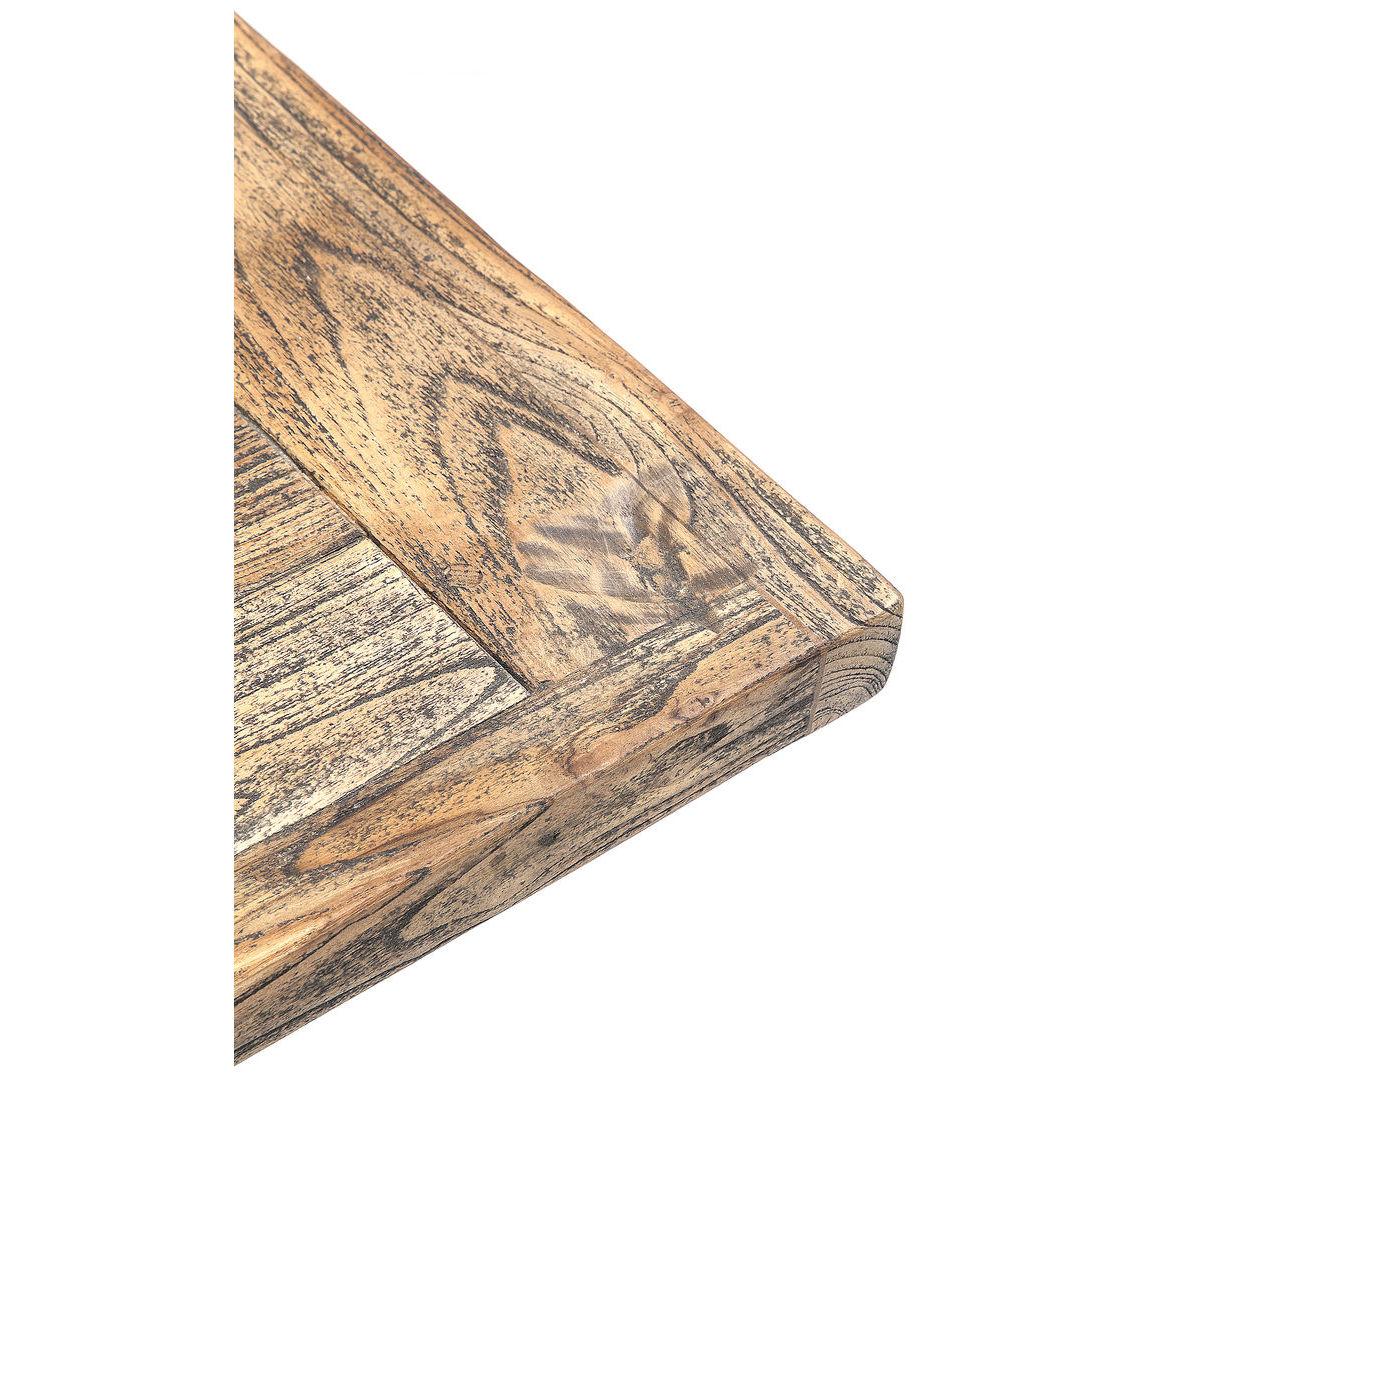 Tisch bistrotisch holztisch esstisch quadratisch 70x70 for Esstisch 70x70 holz